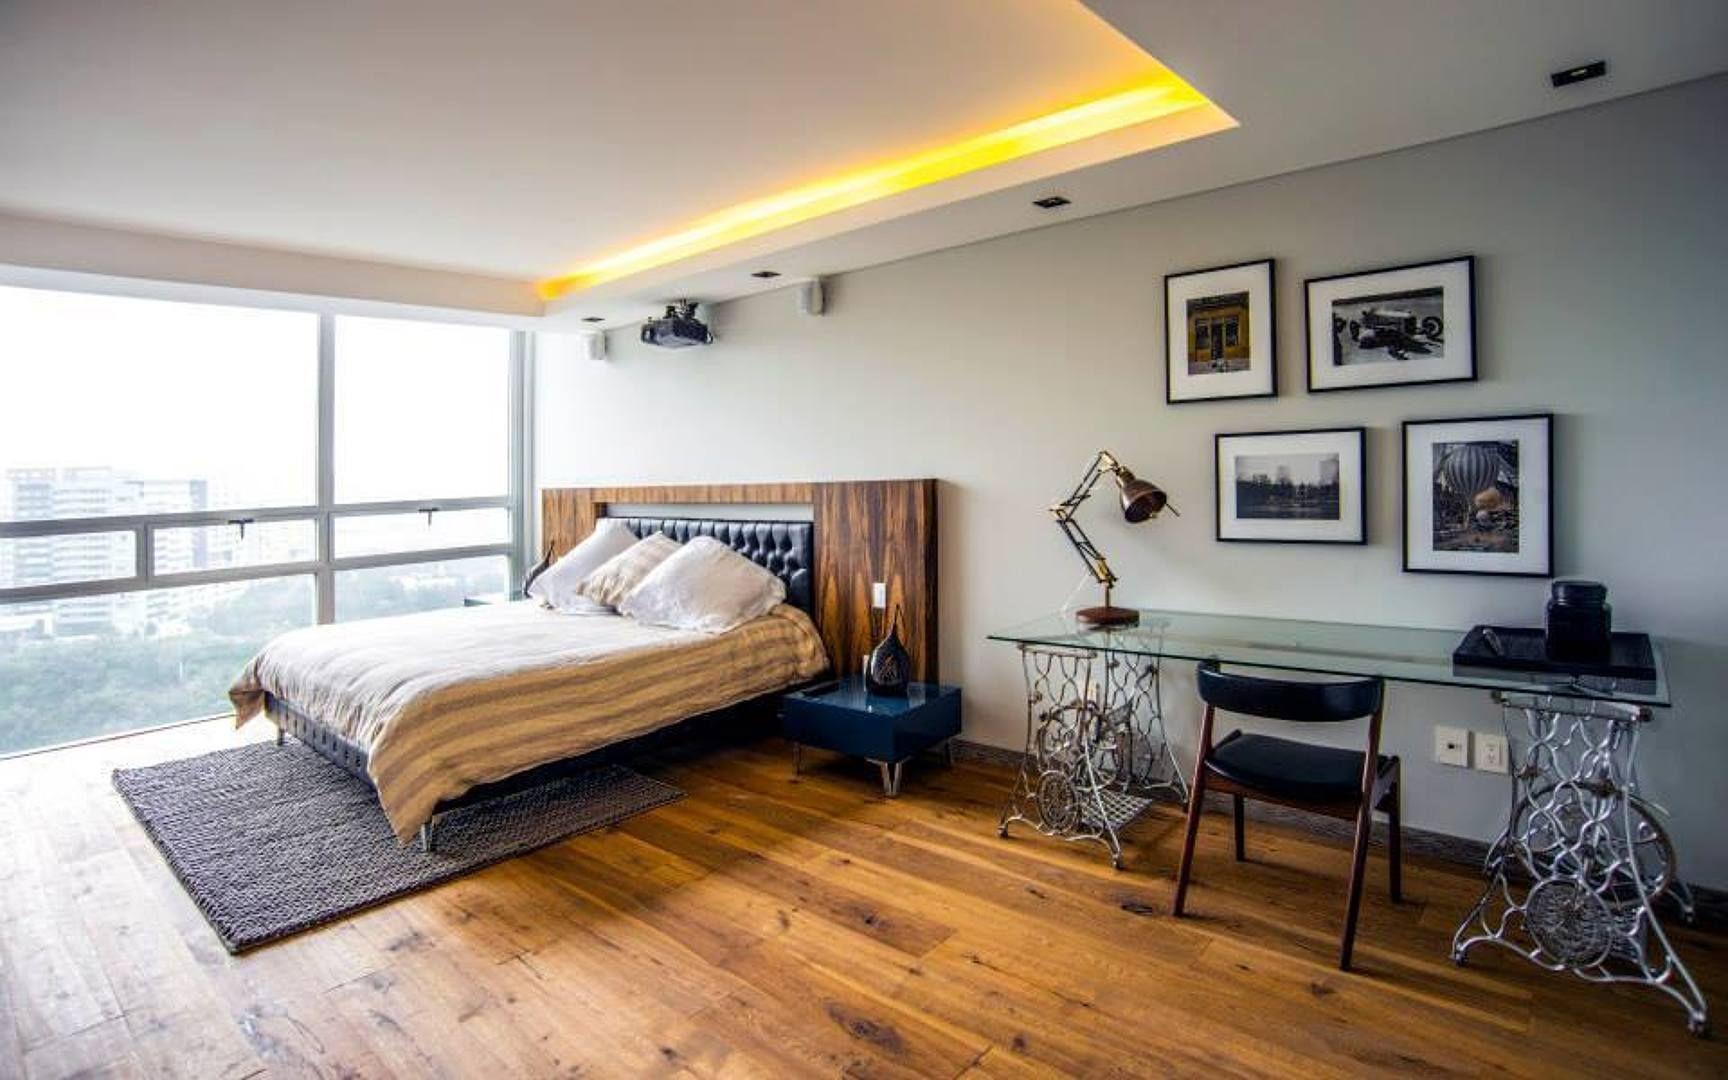 Camera da letto Interior design per la casa, Camera da